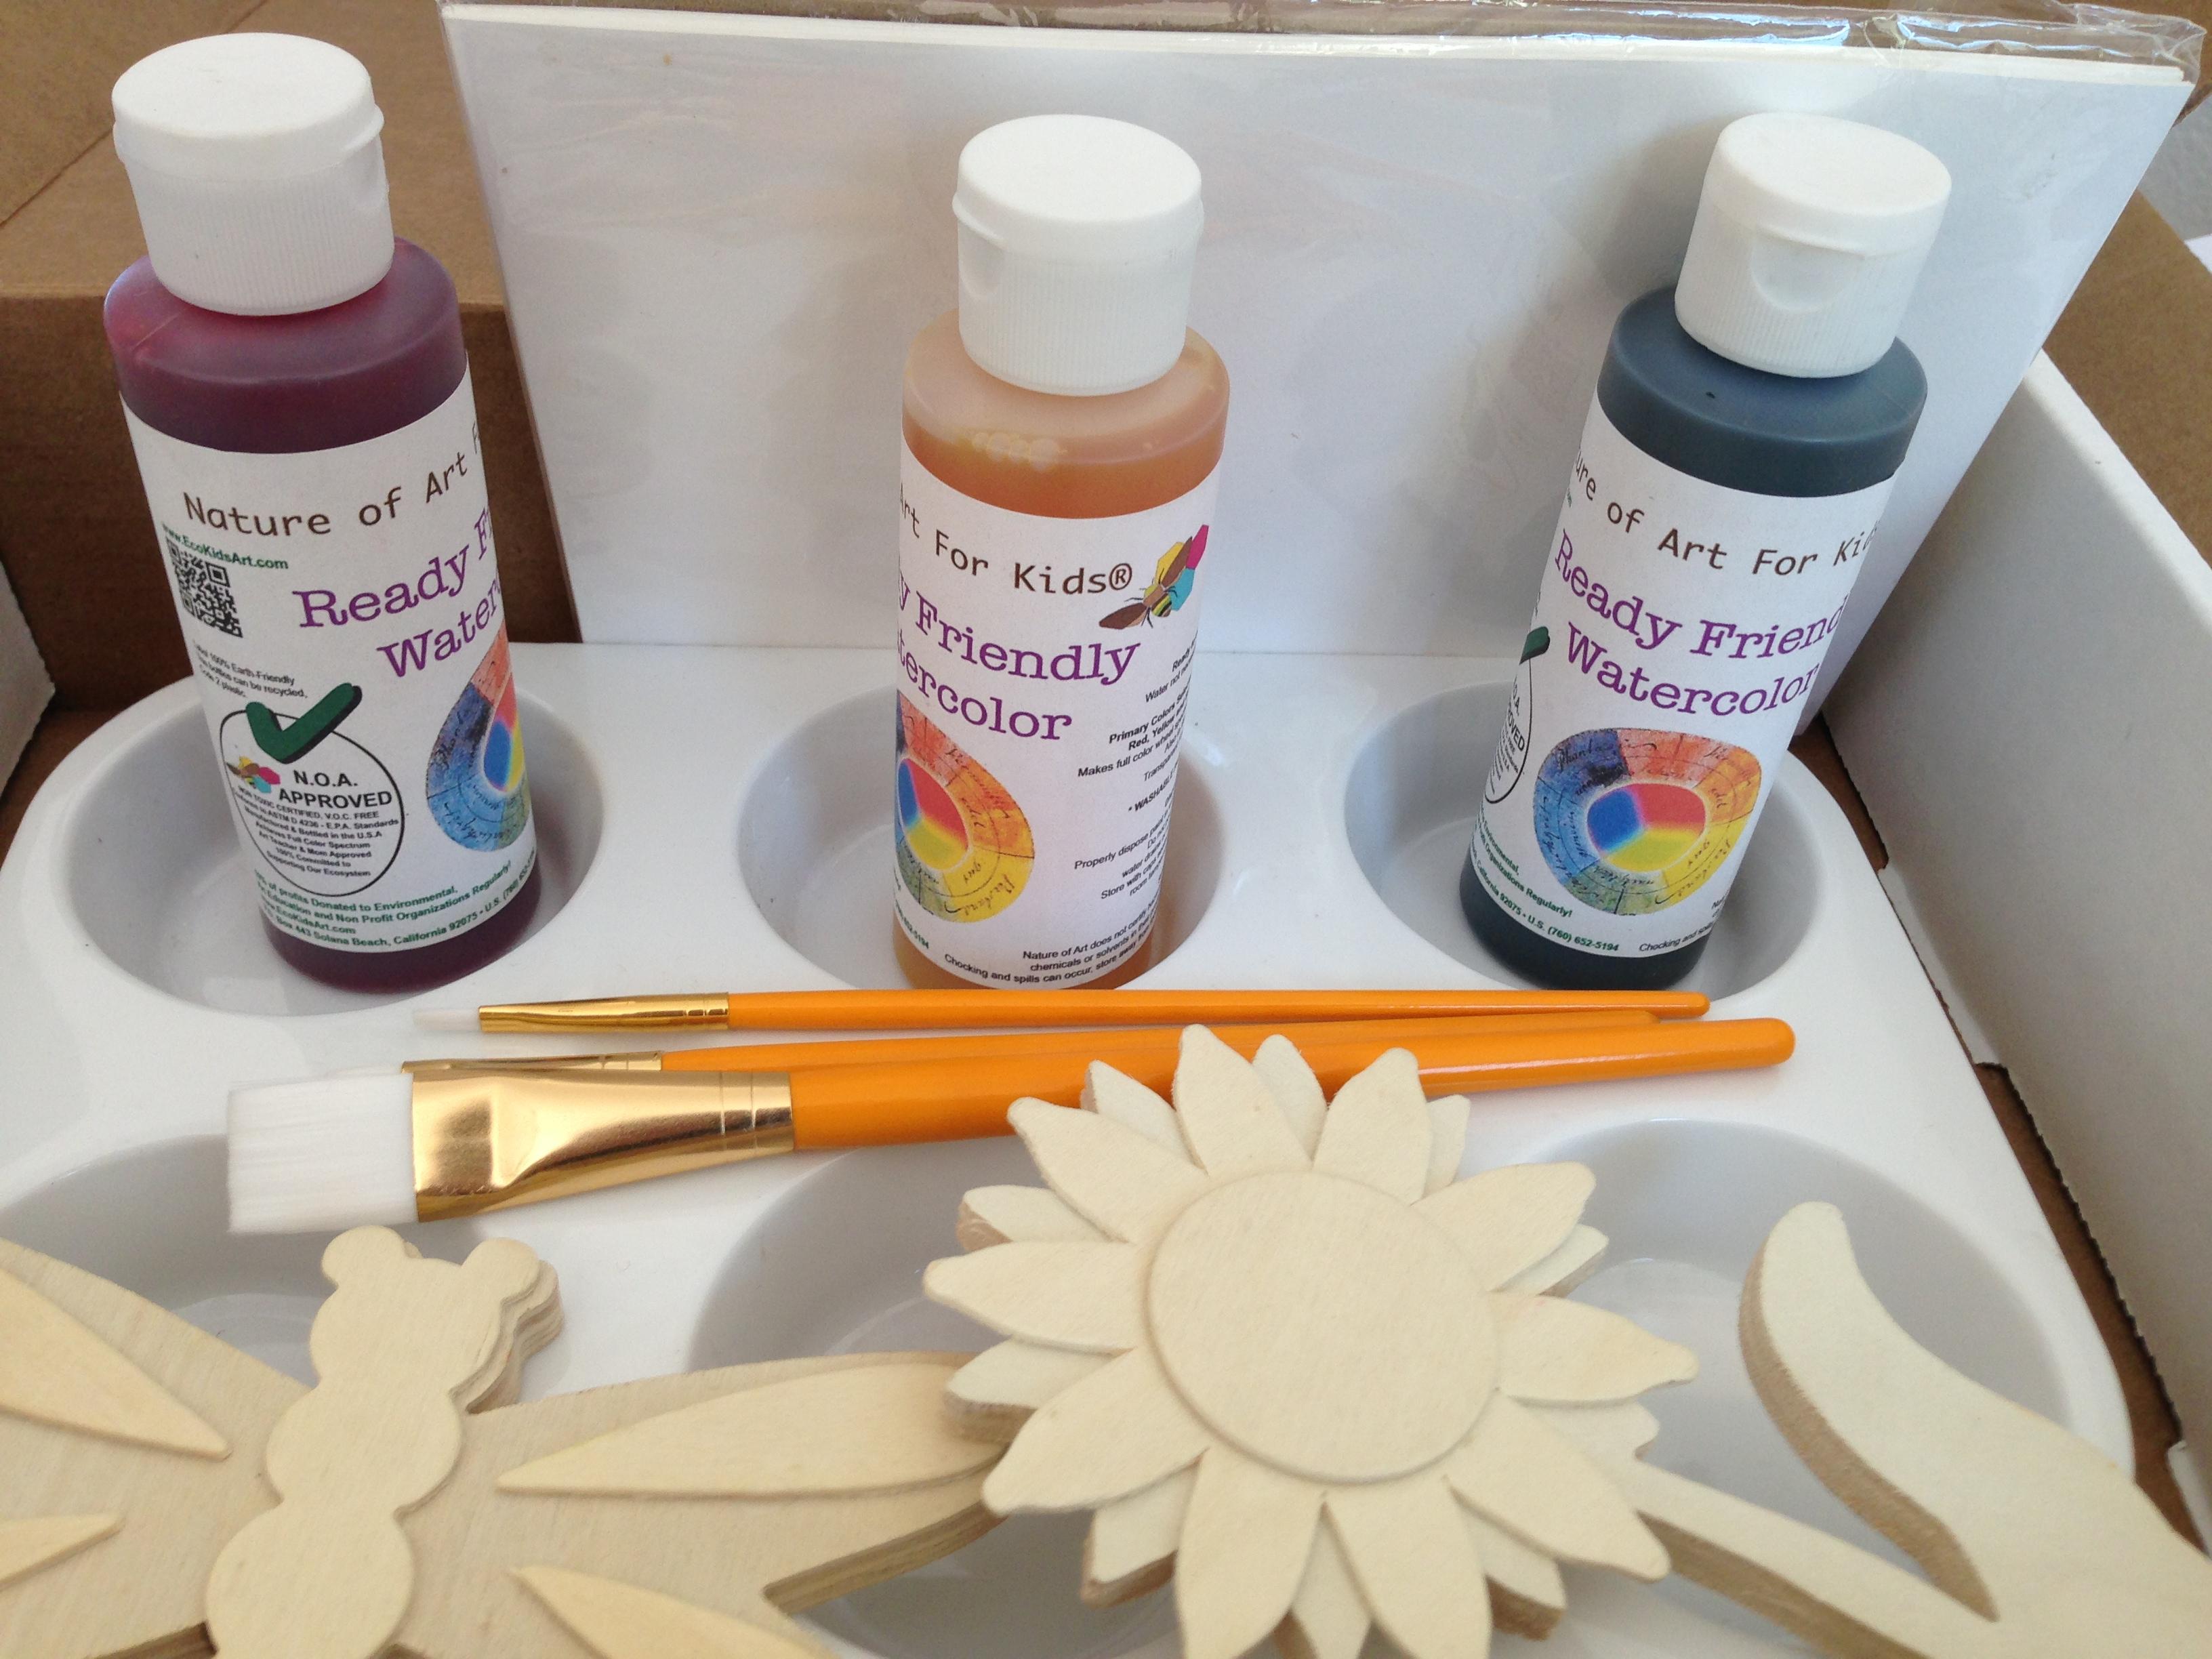 Buy Kids Paint Non-toxic, Eco-friendly Paints Safer children's Finger Paint